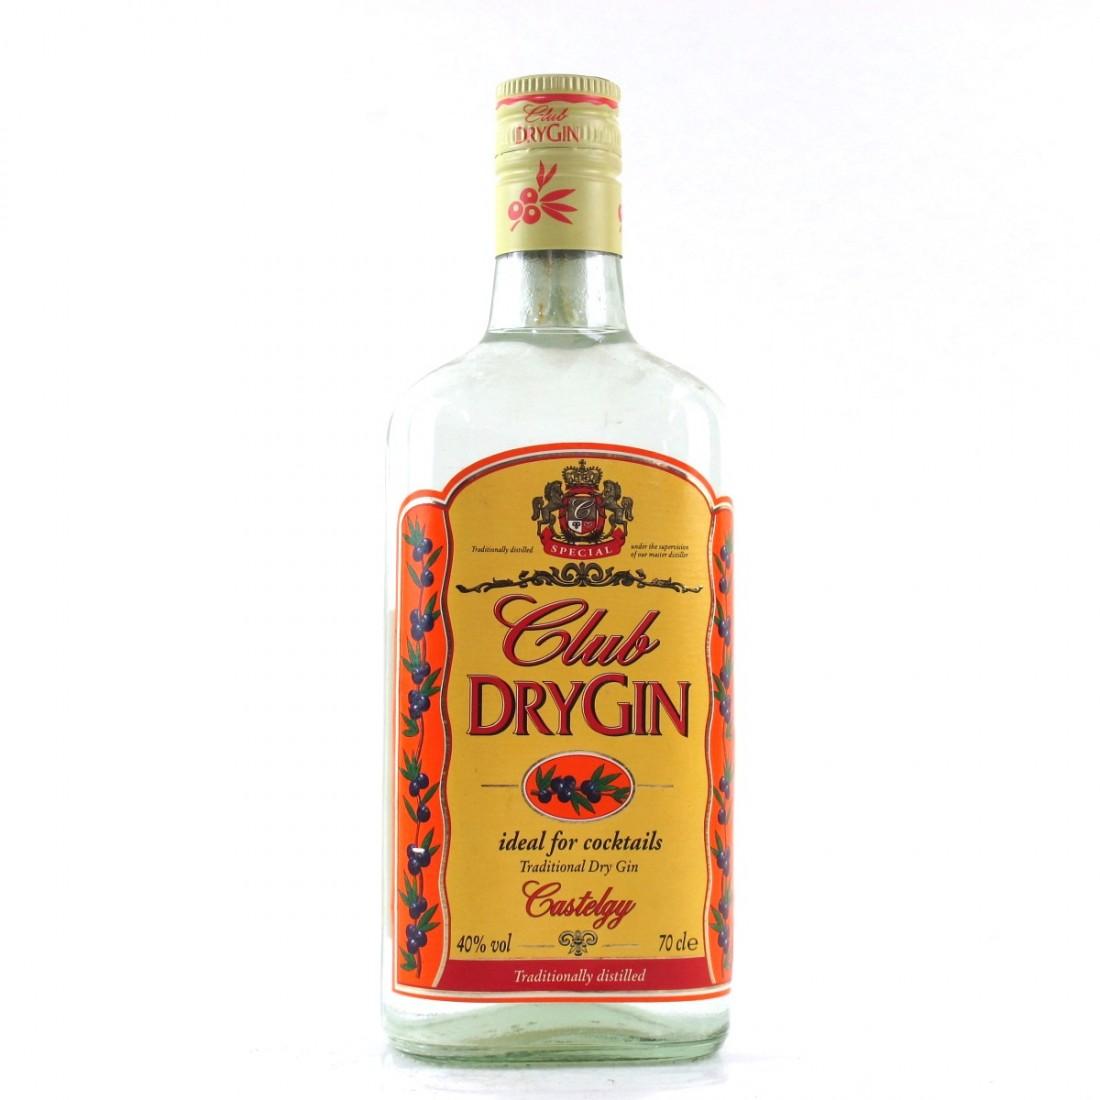 Club Dry Gin